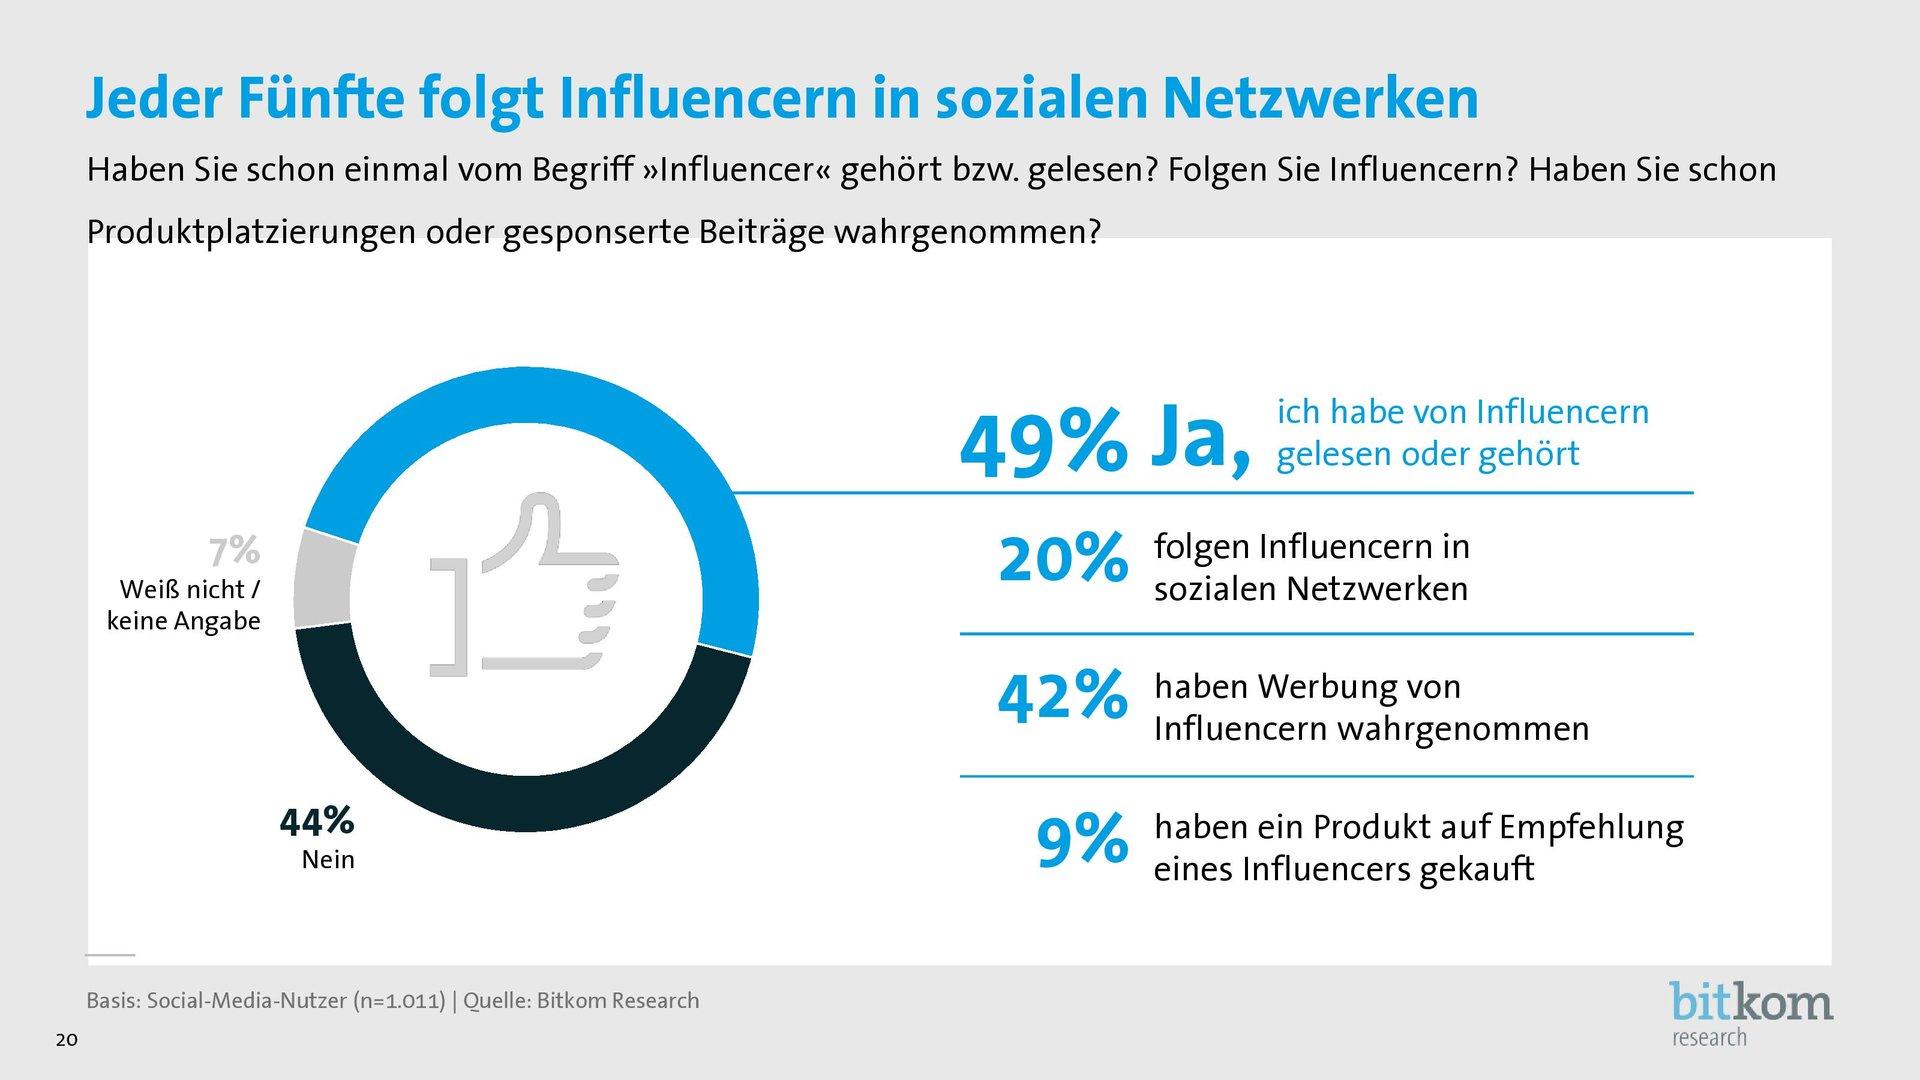 Influencer in sozialen Netzwerken